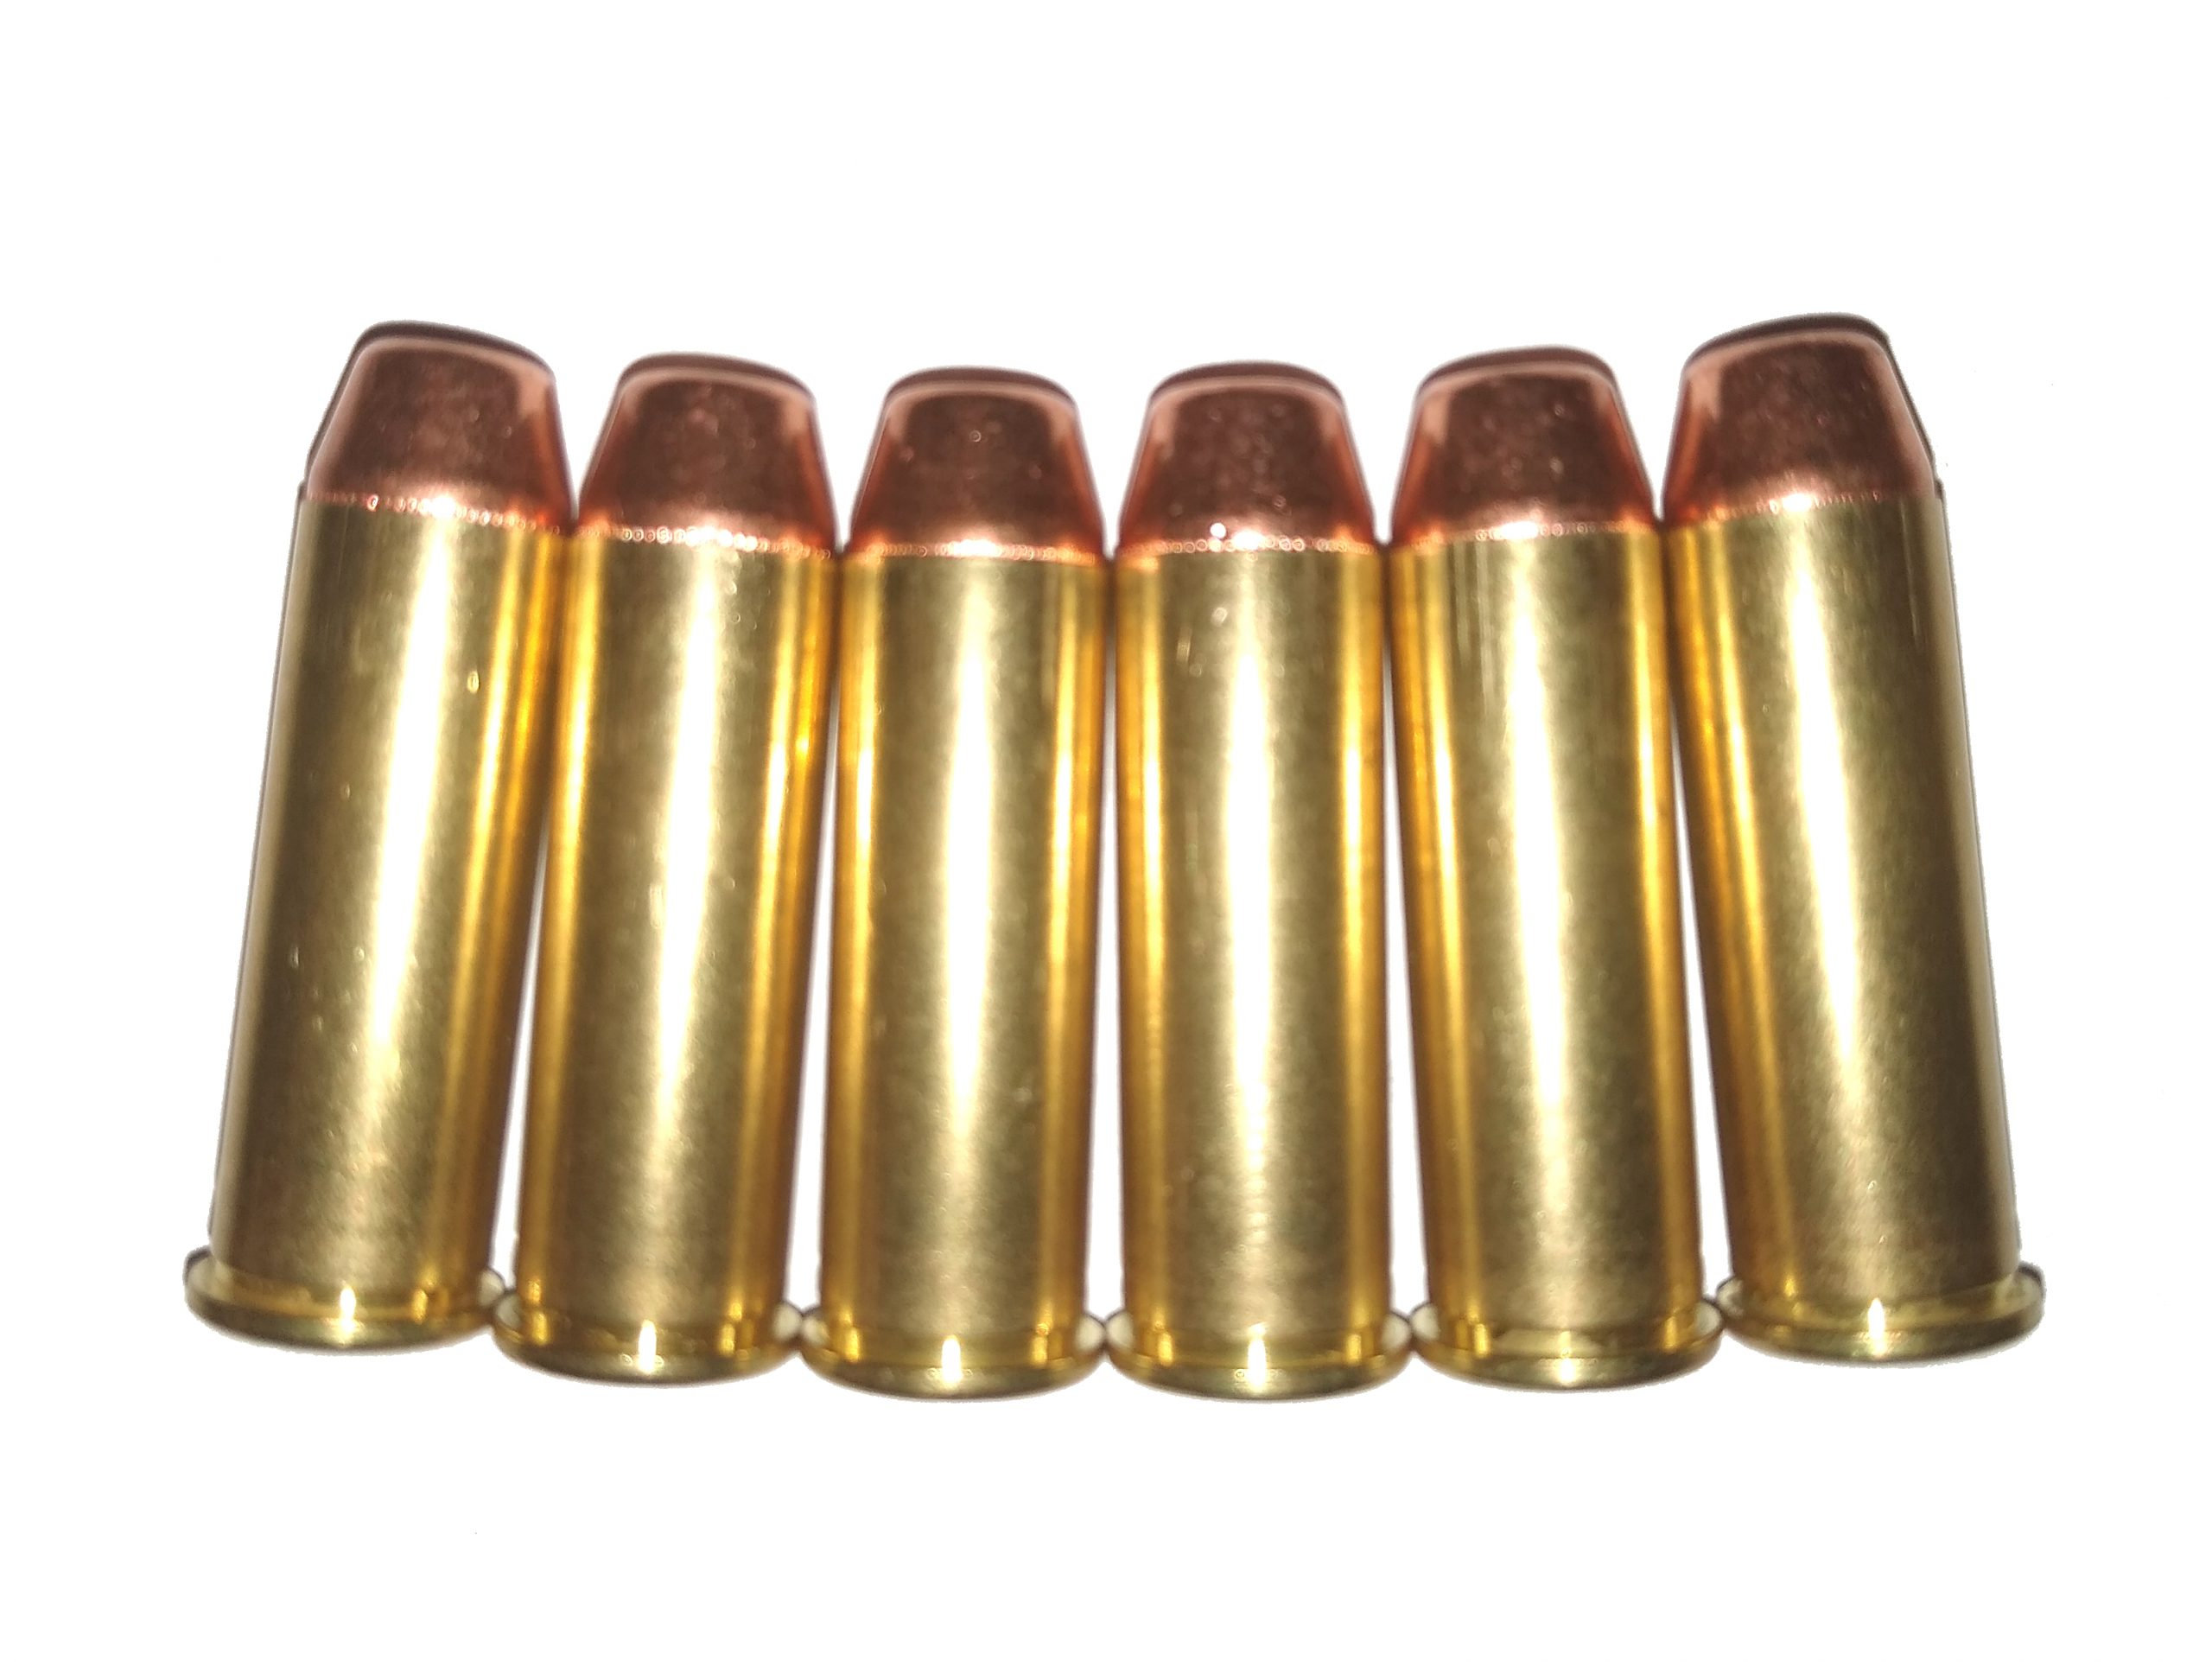 41 Remington Magnum